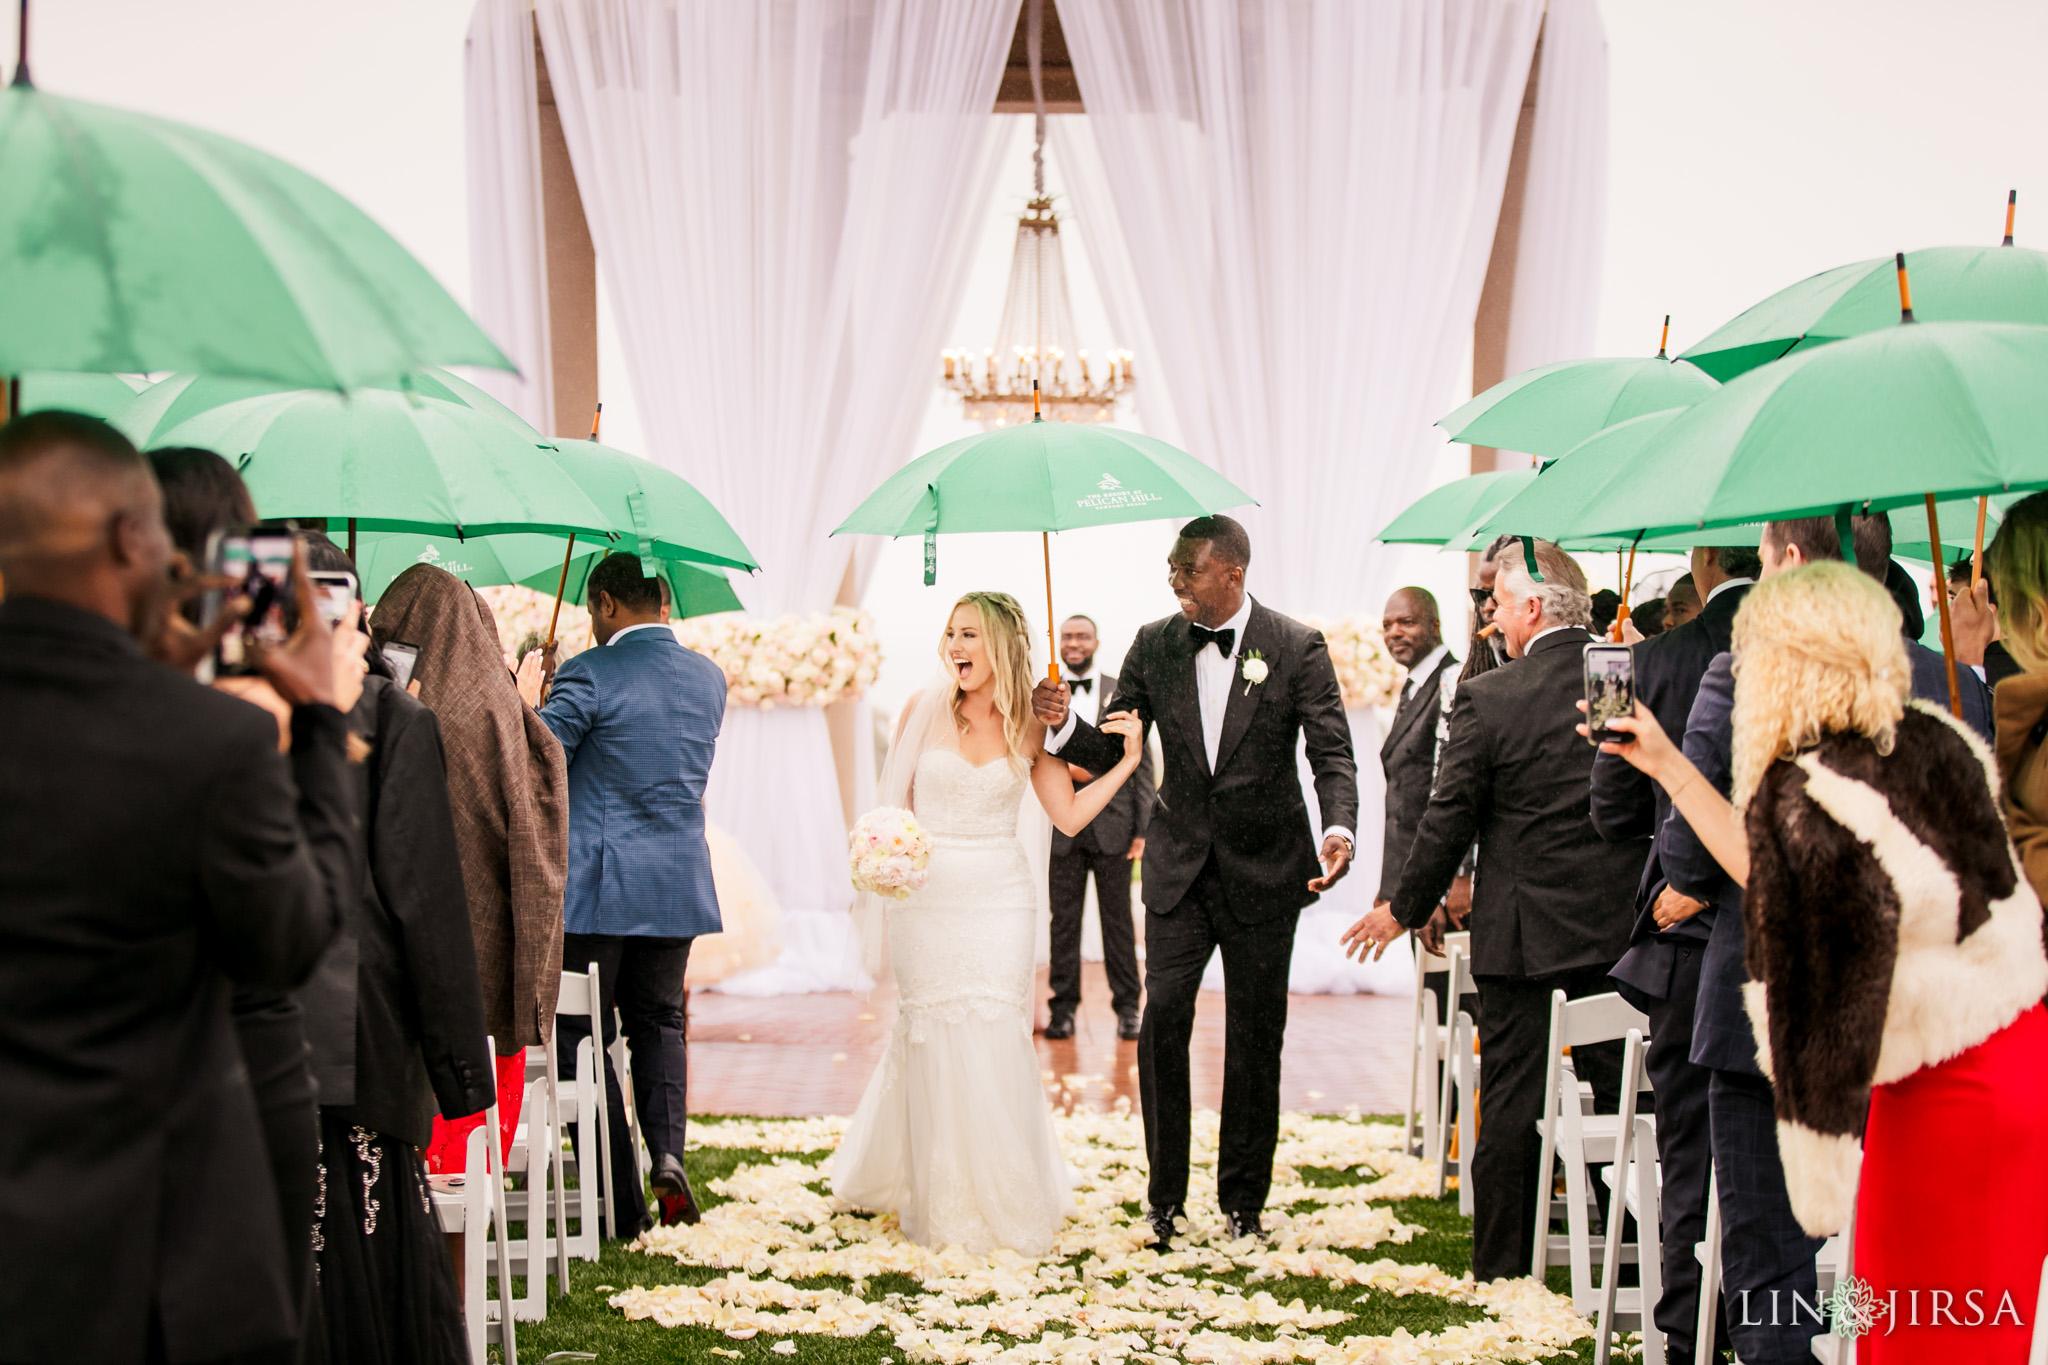 16 Pelican Hill Resort Orange County Rainy Wedding Ceremony Photographer